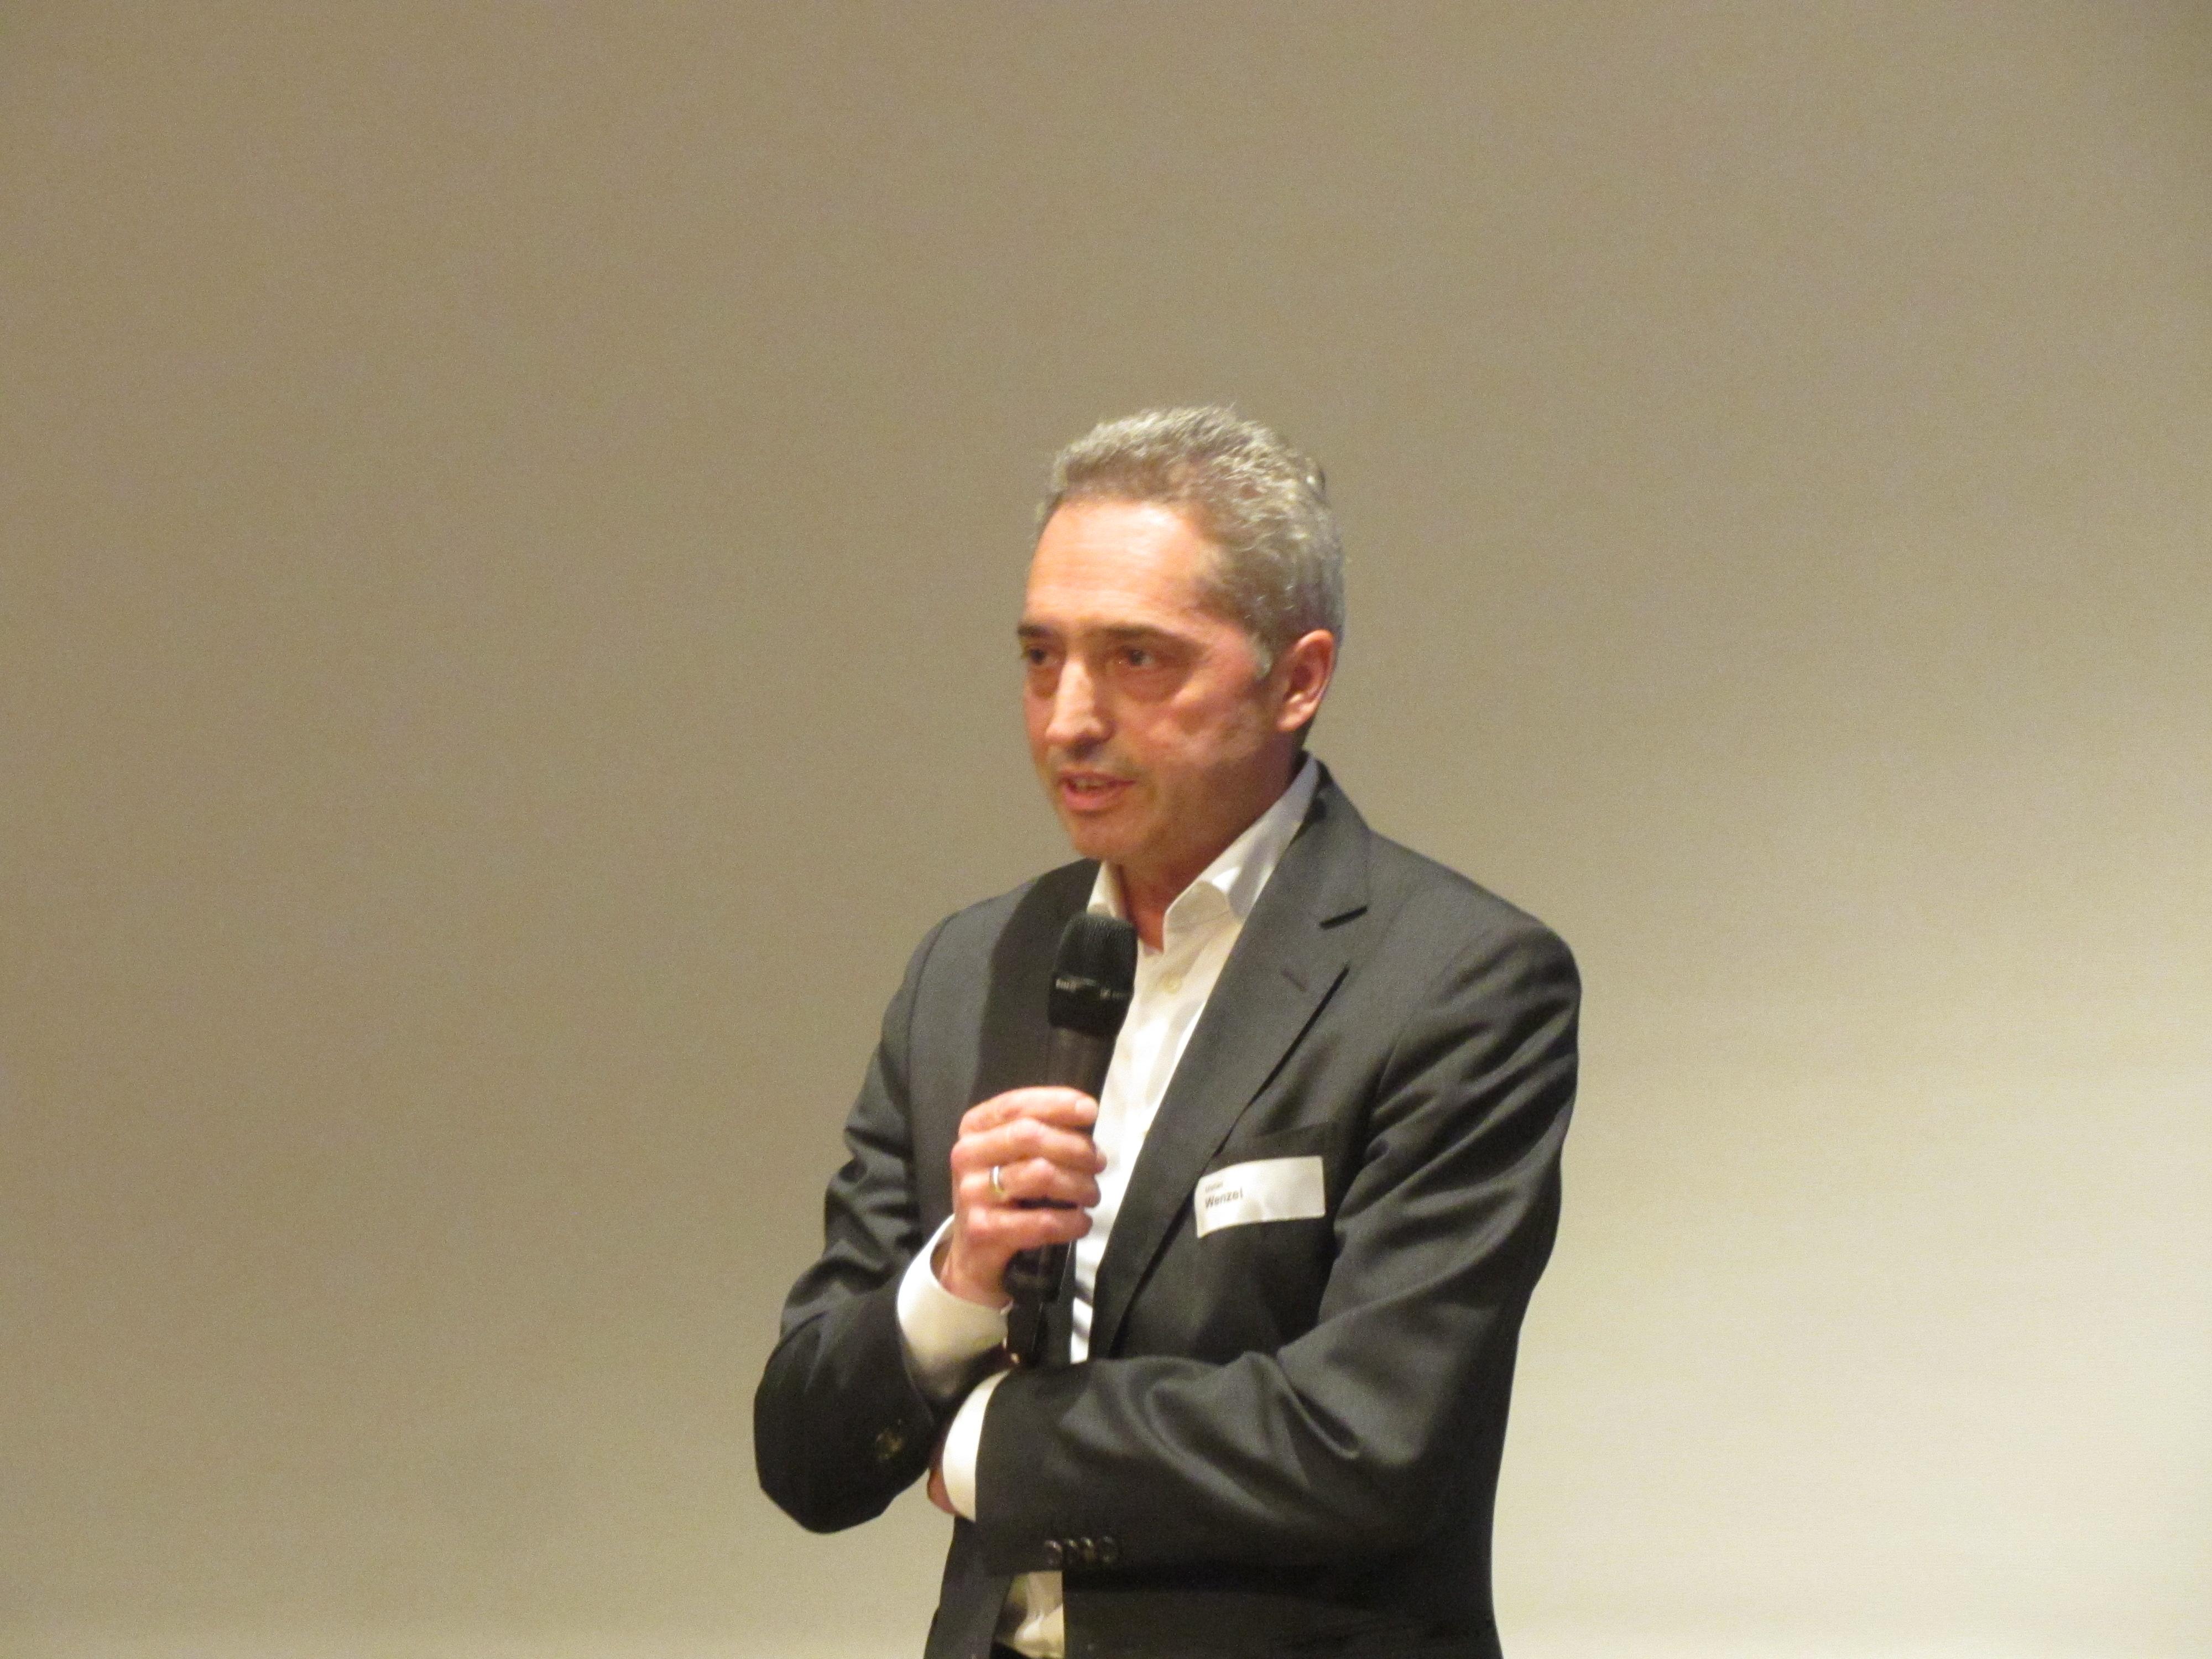 Matias Wenzel, Architekturbüro Wenzel + Wenzel